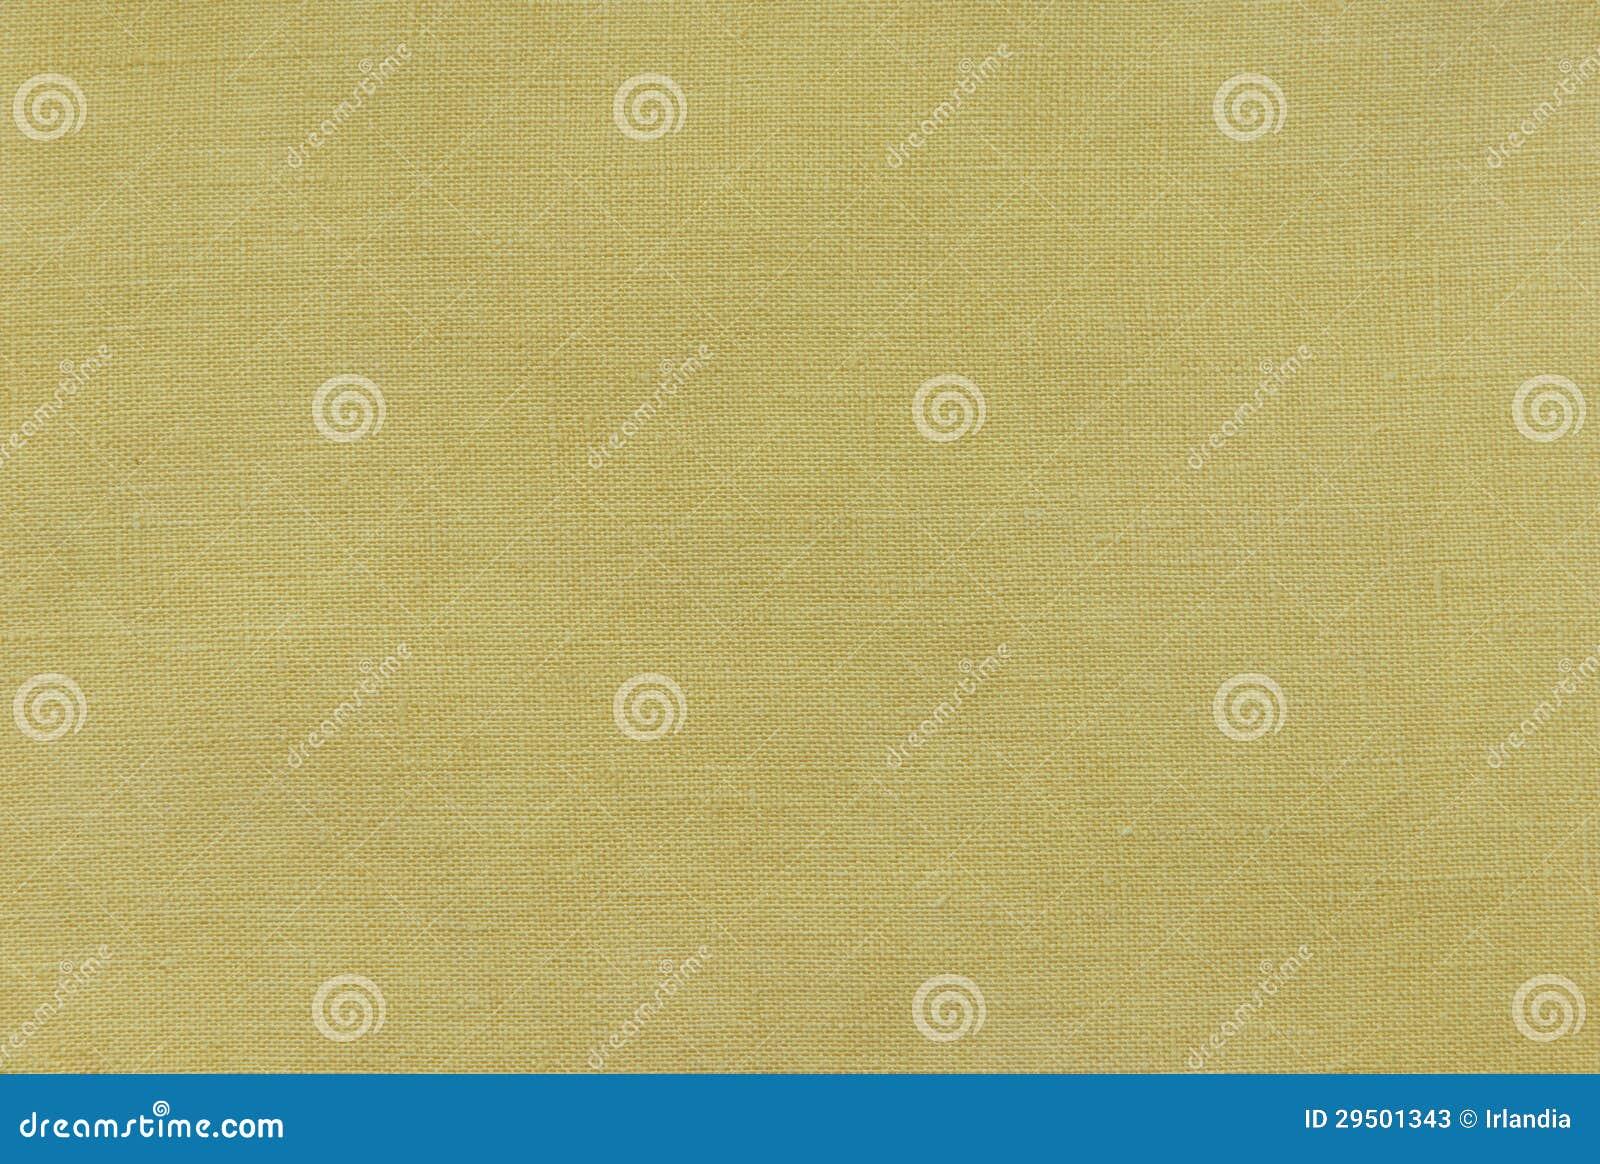 De stof van het linnen